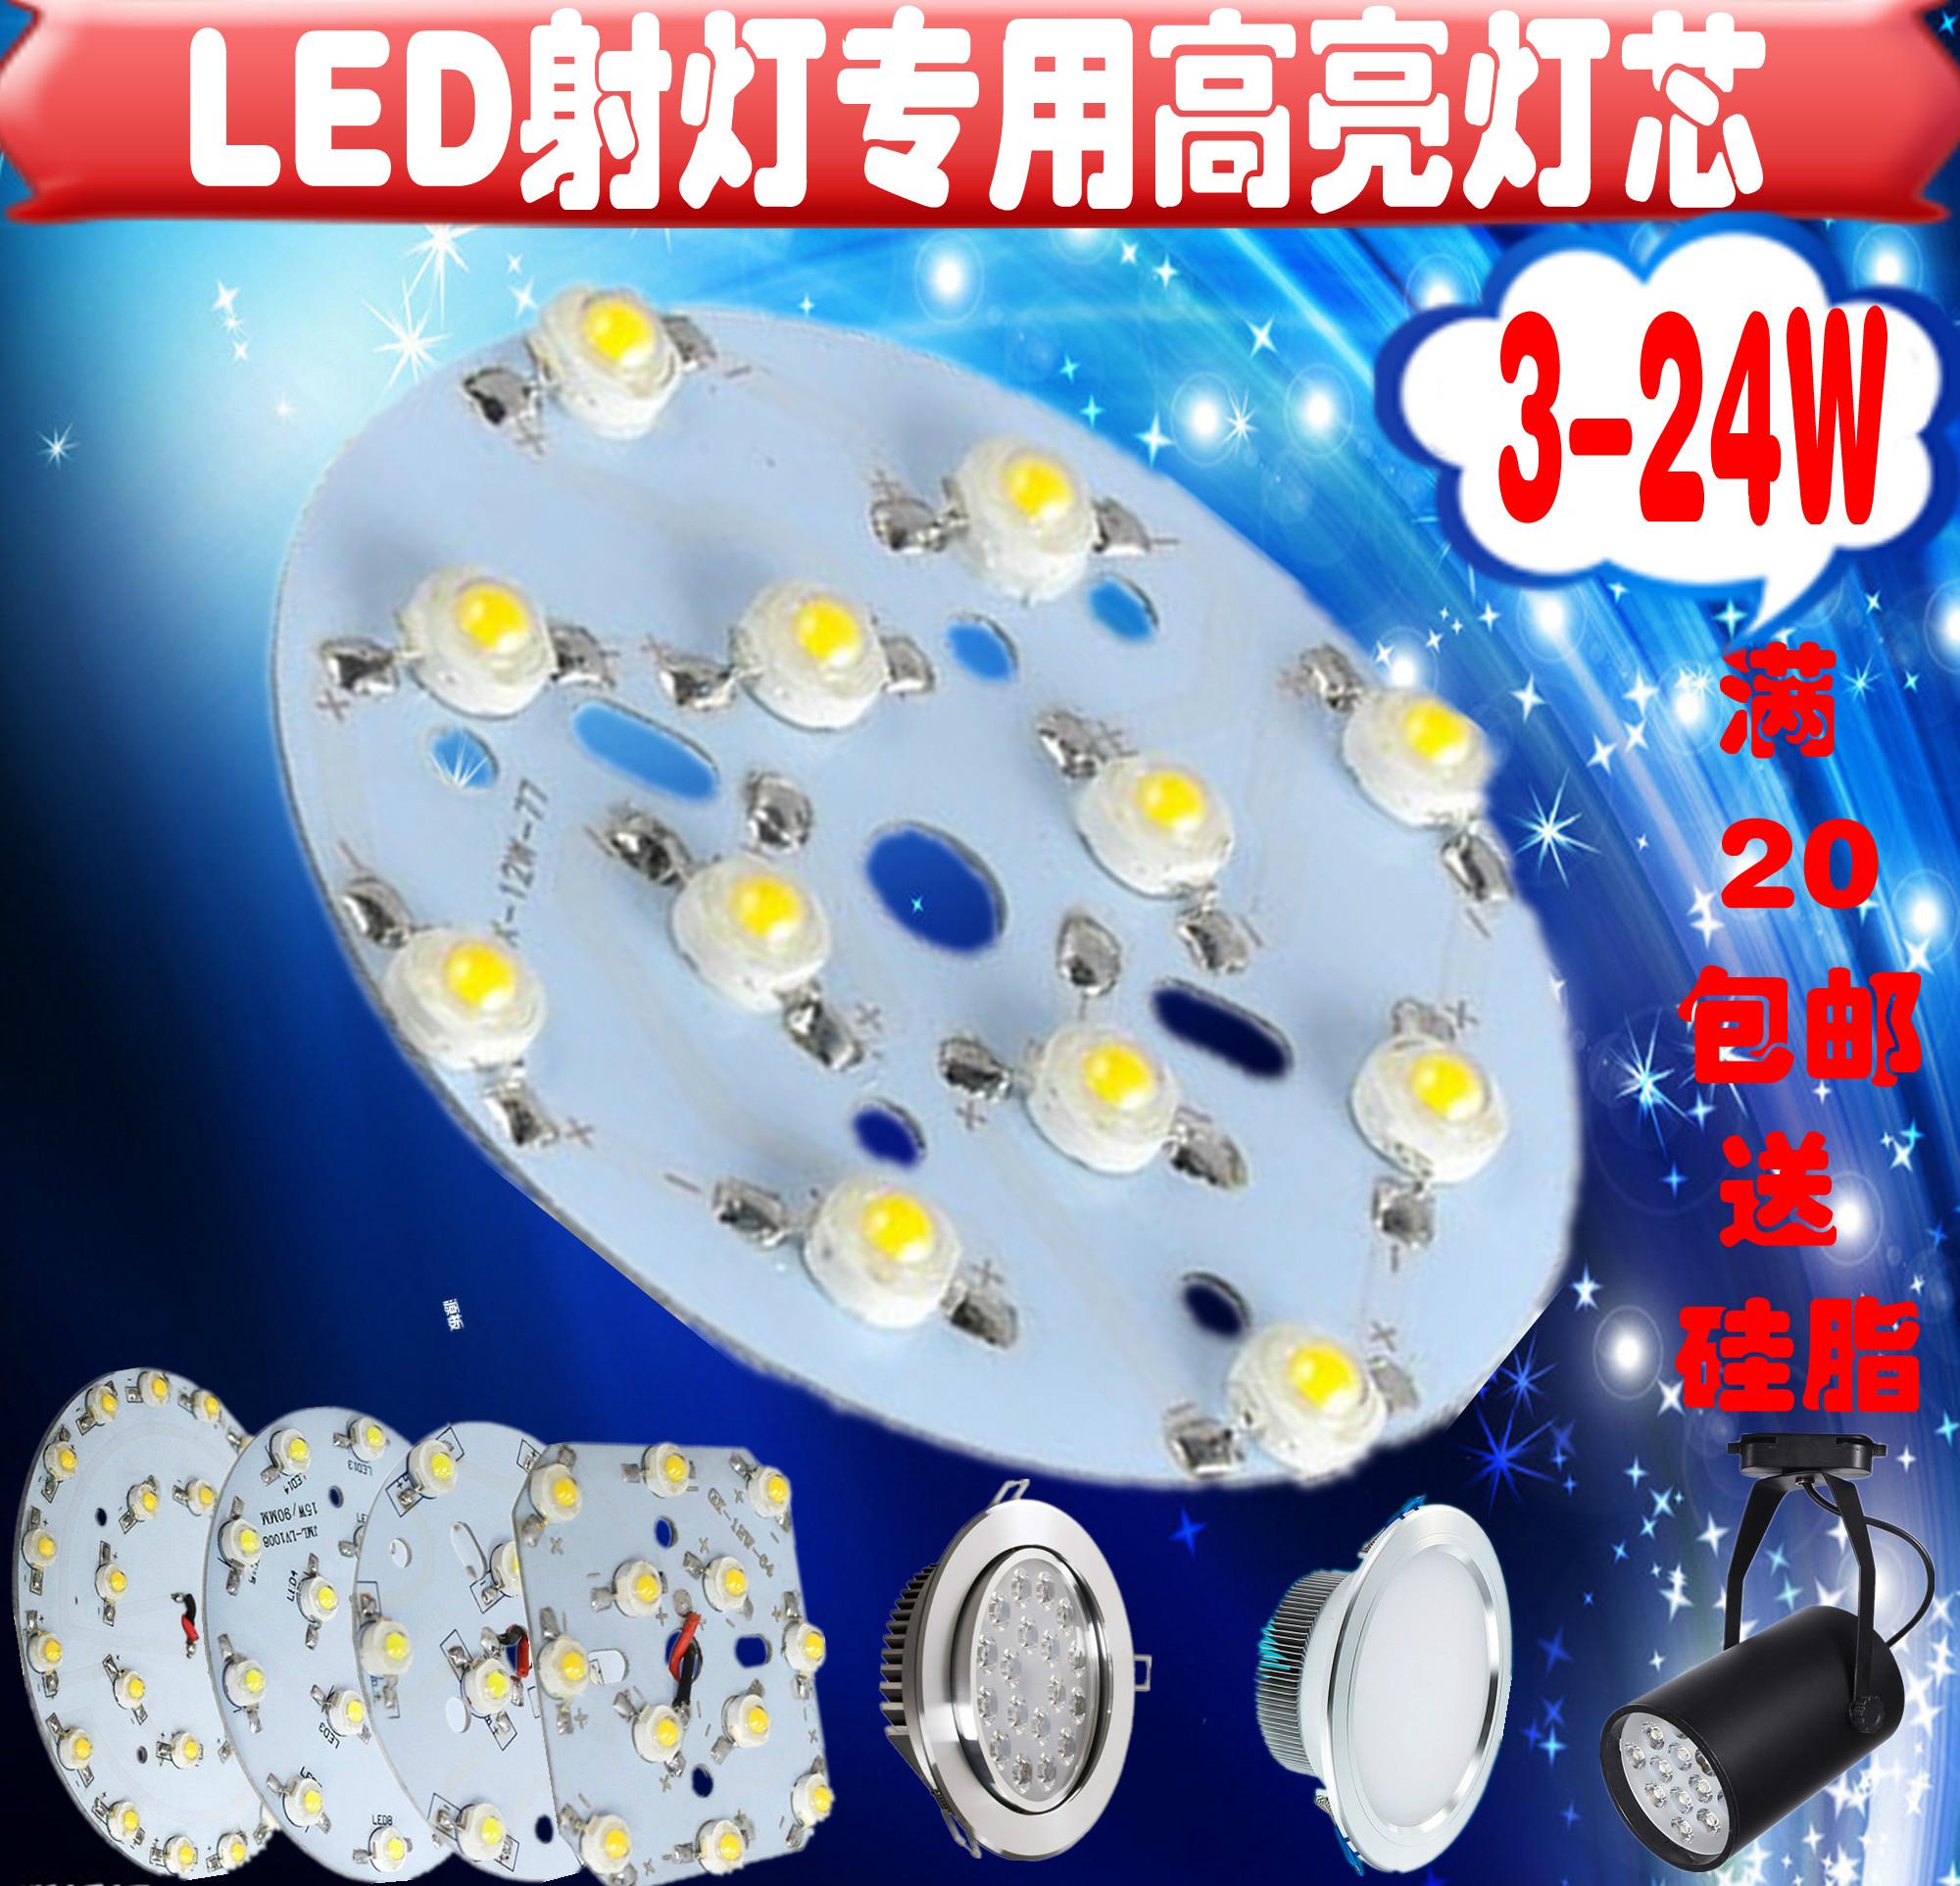 Лампы / Светодиодные лампы / Люминесцентные лампы Артикул 538456672249